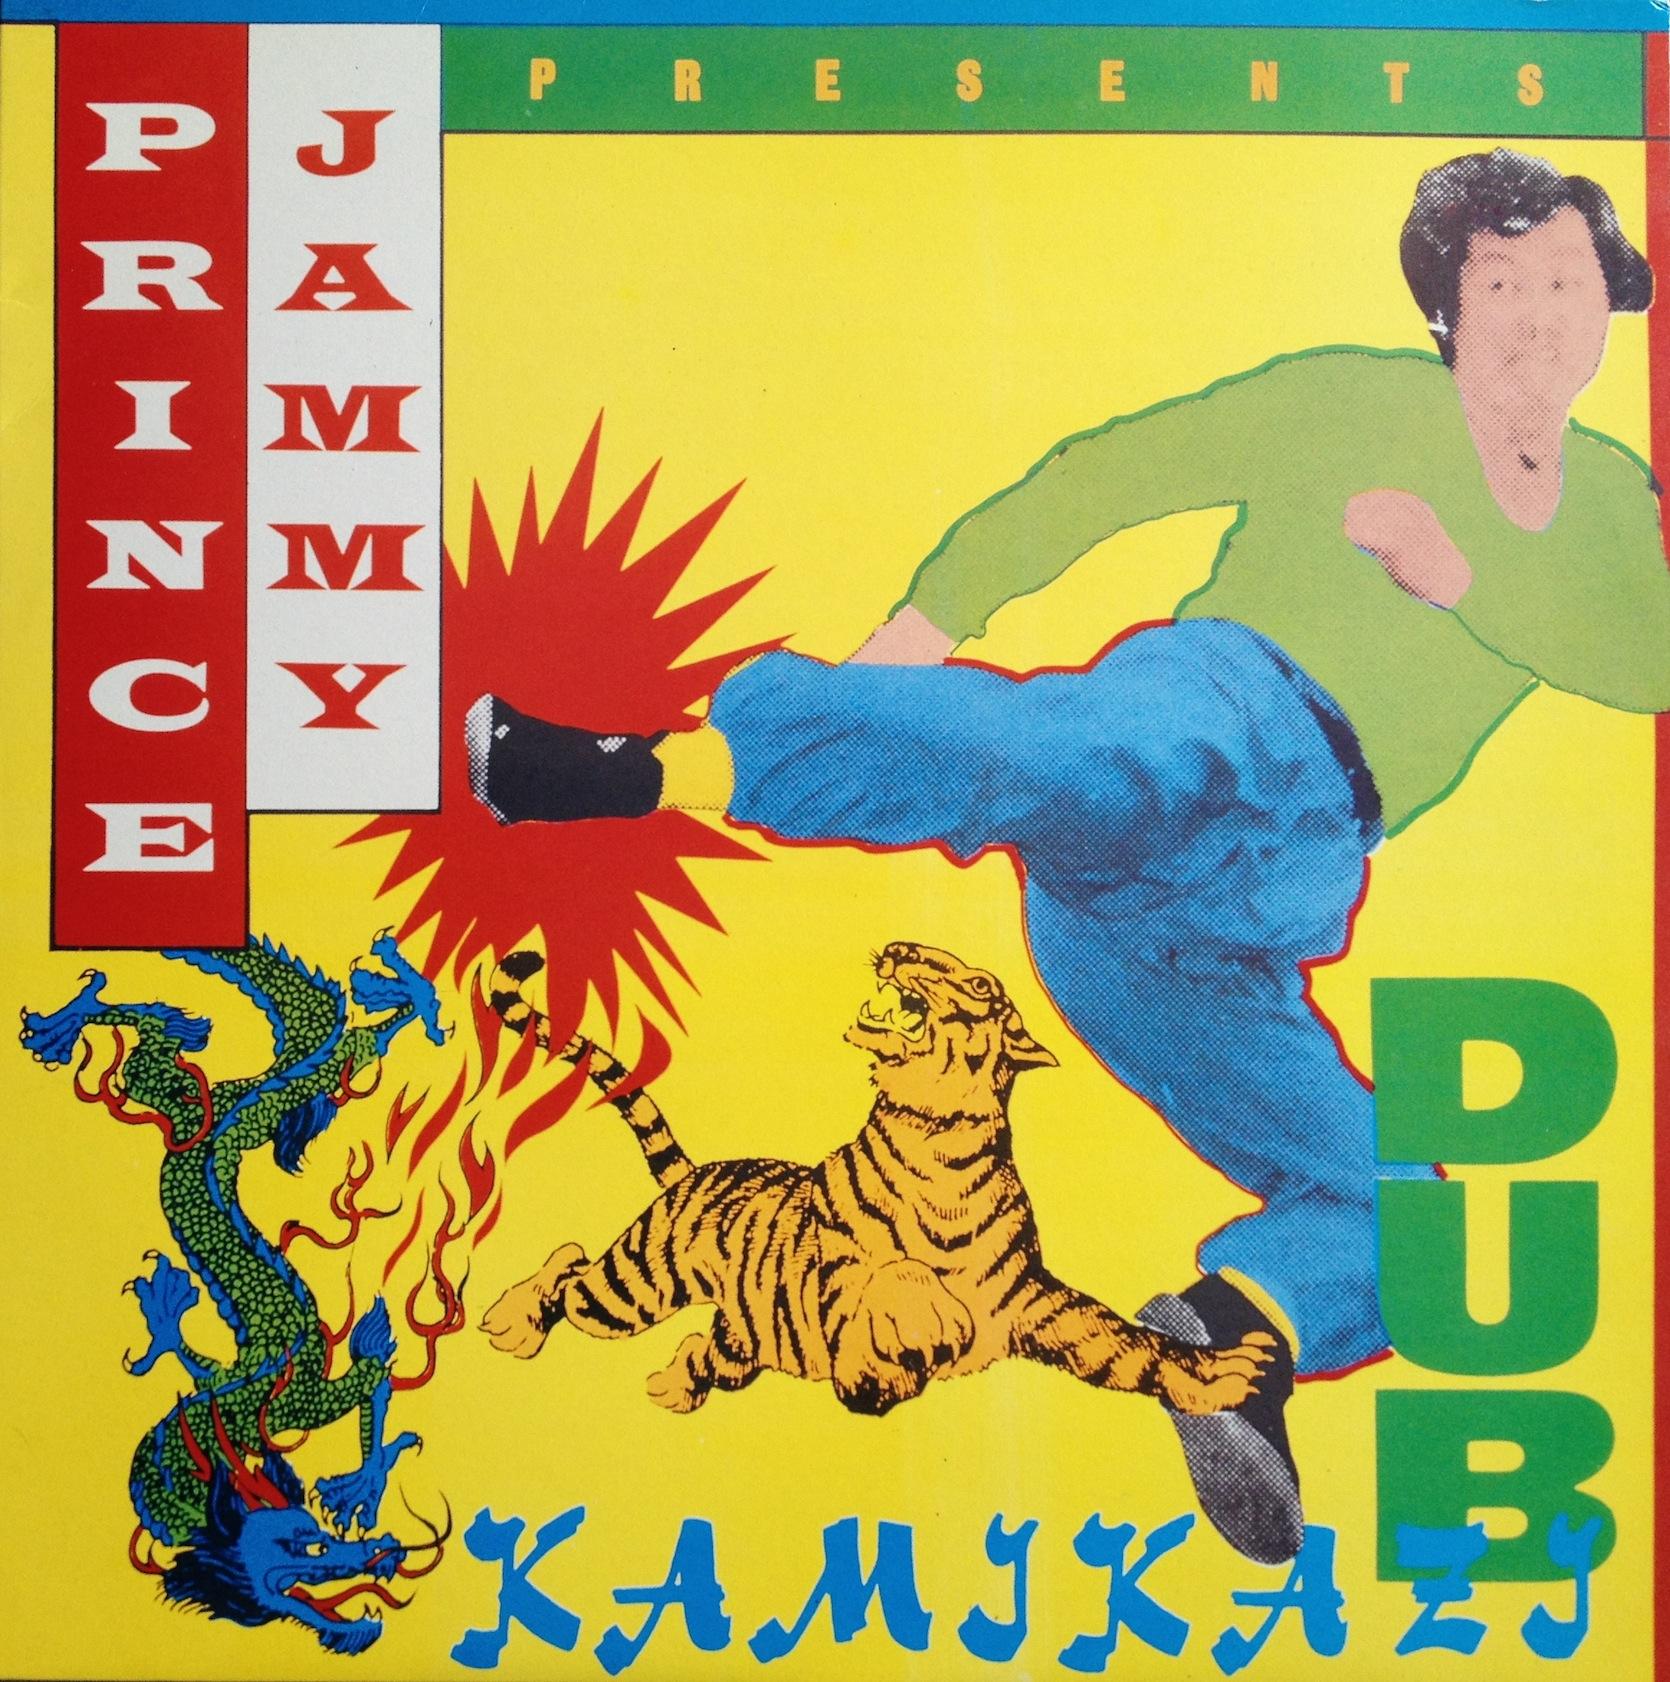 Prince Jammy - Kamikazi Dub (1979)